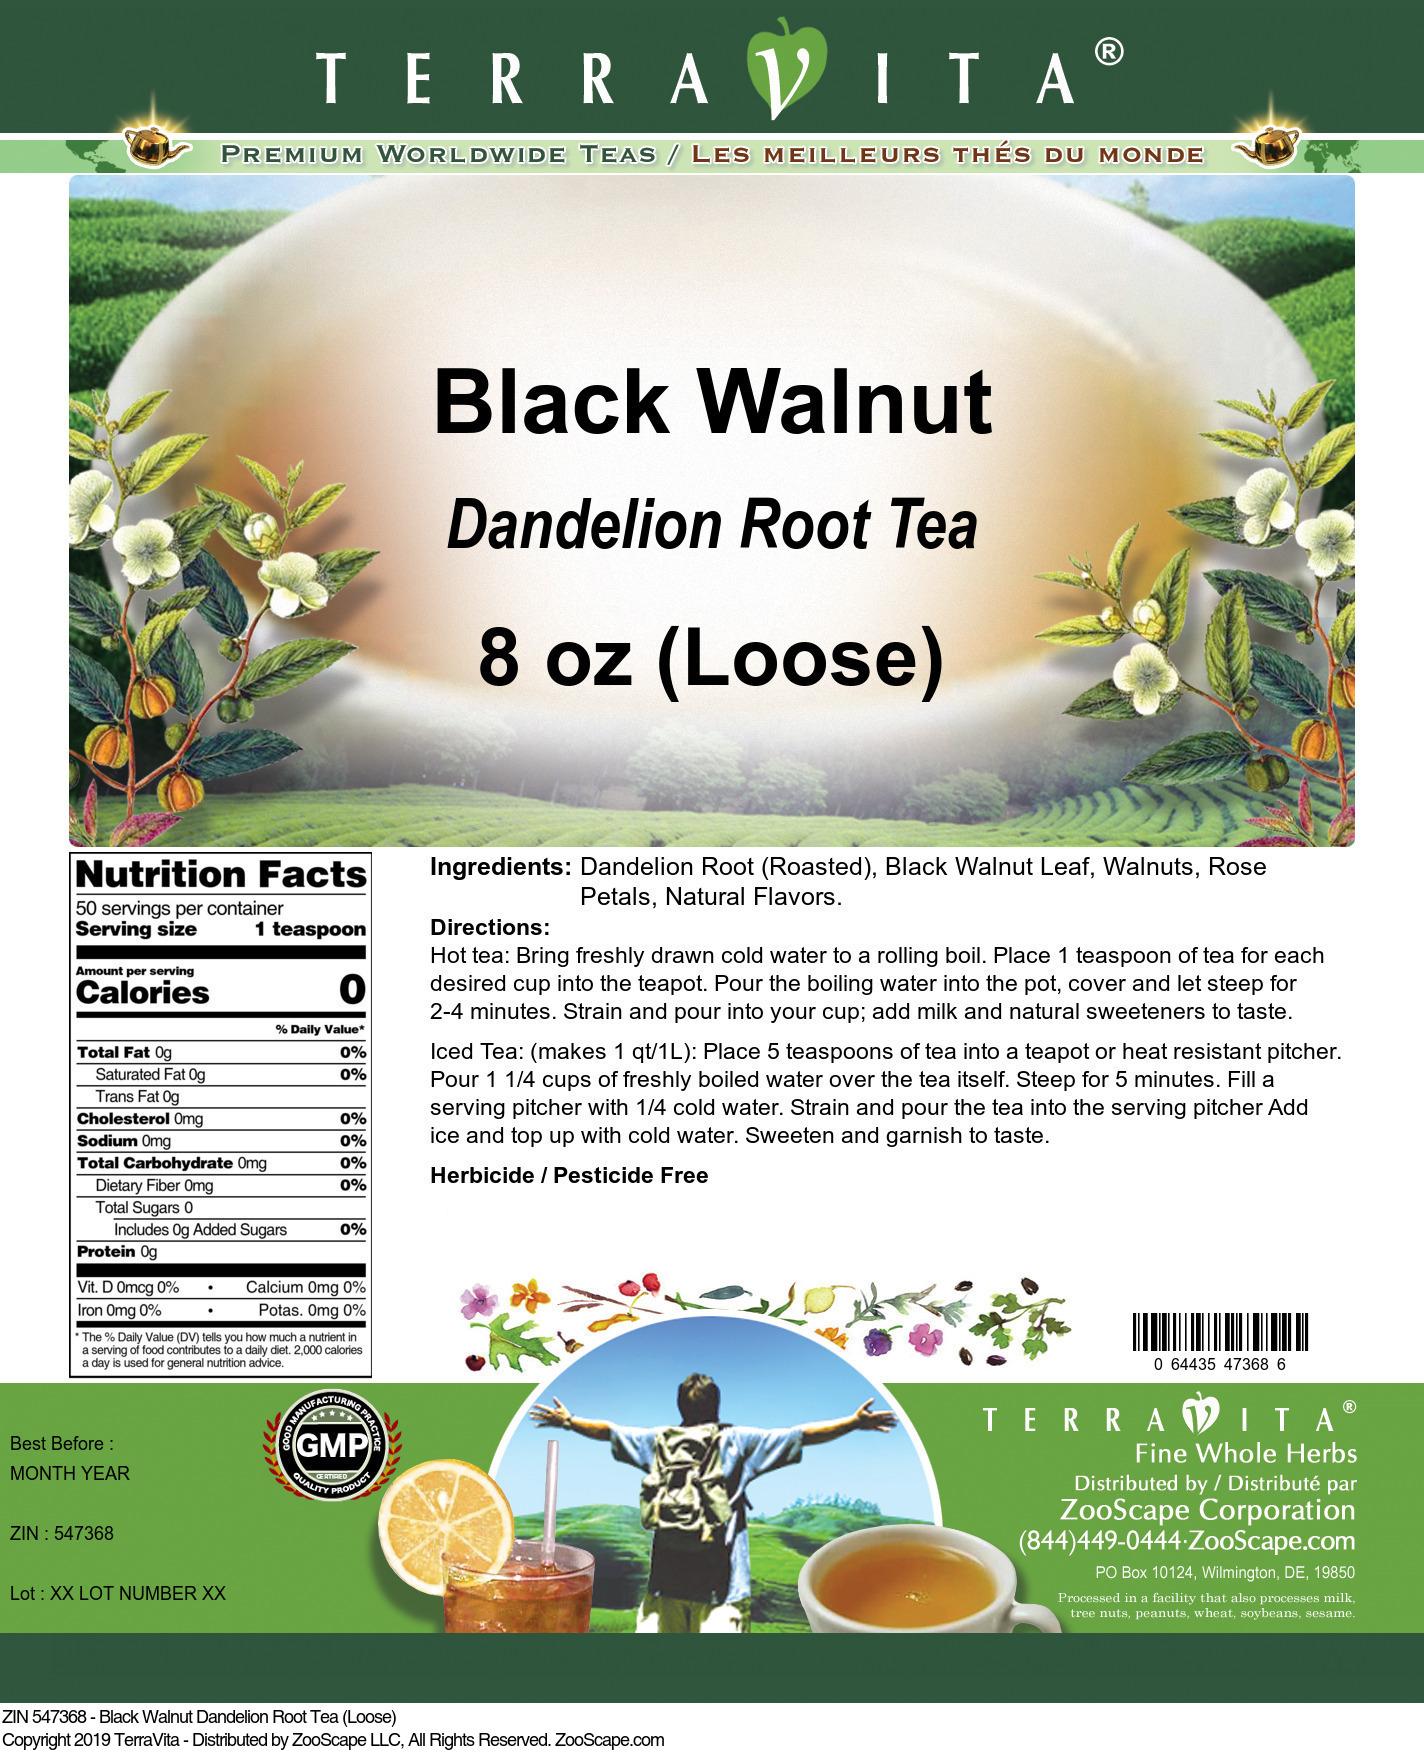 Black Walnut Dandelion Root